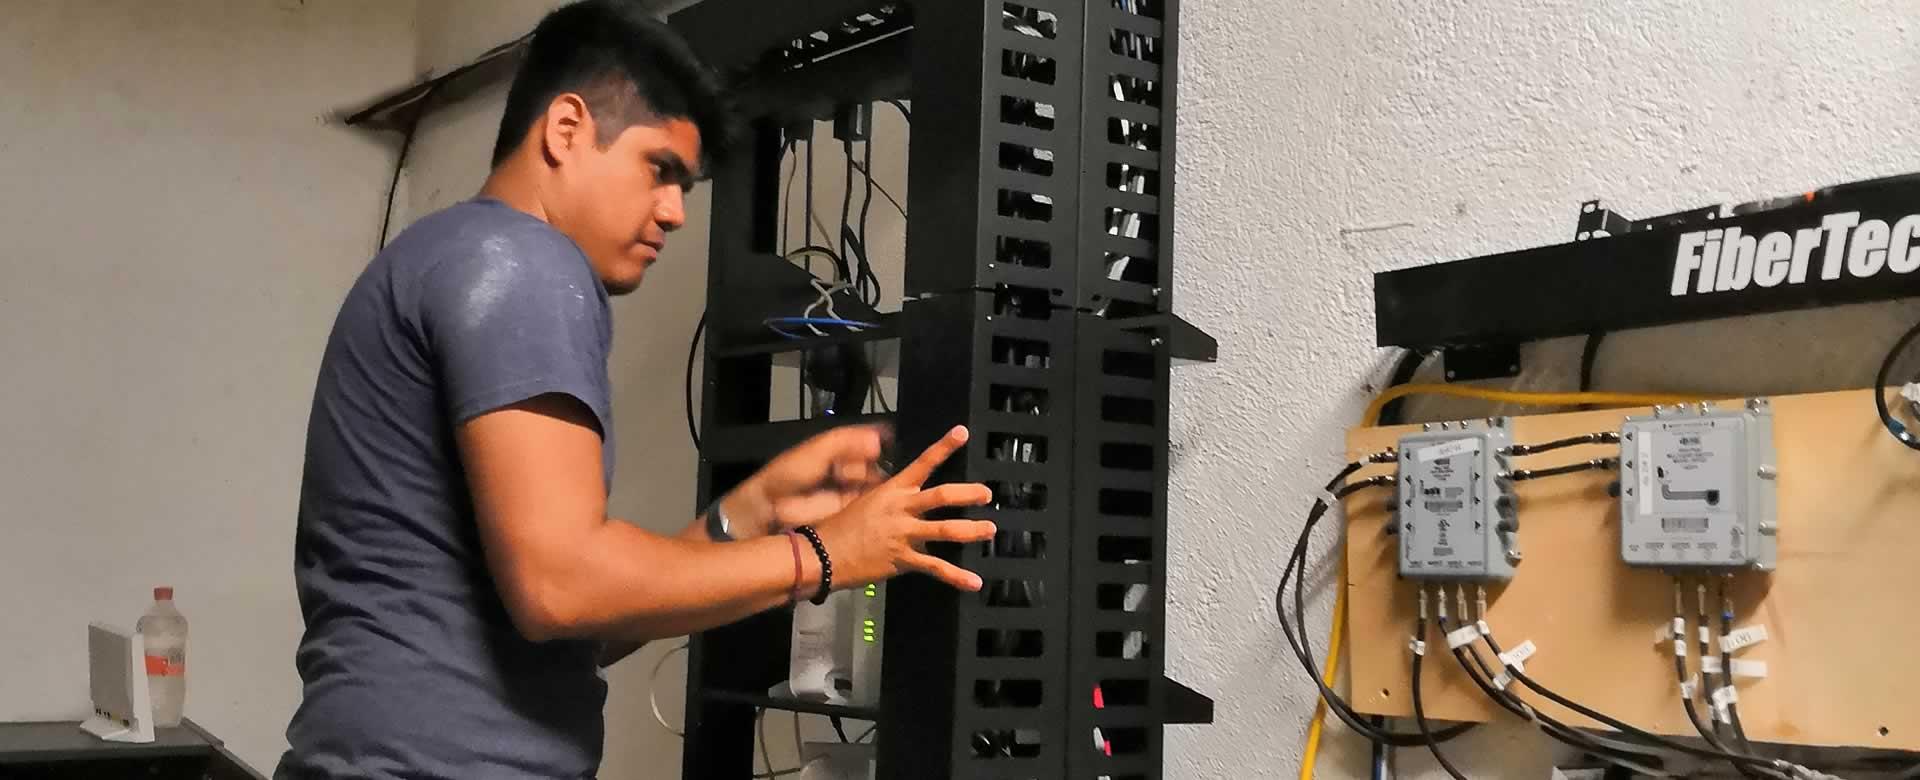 FiberTech Internet Services